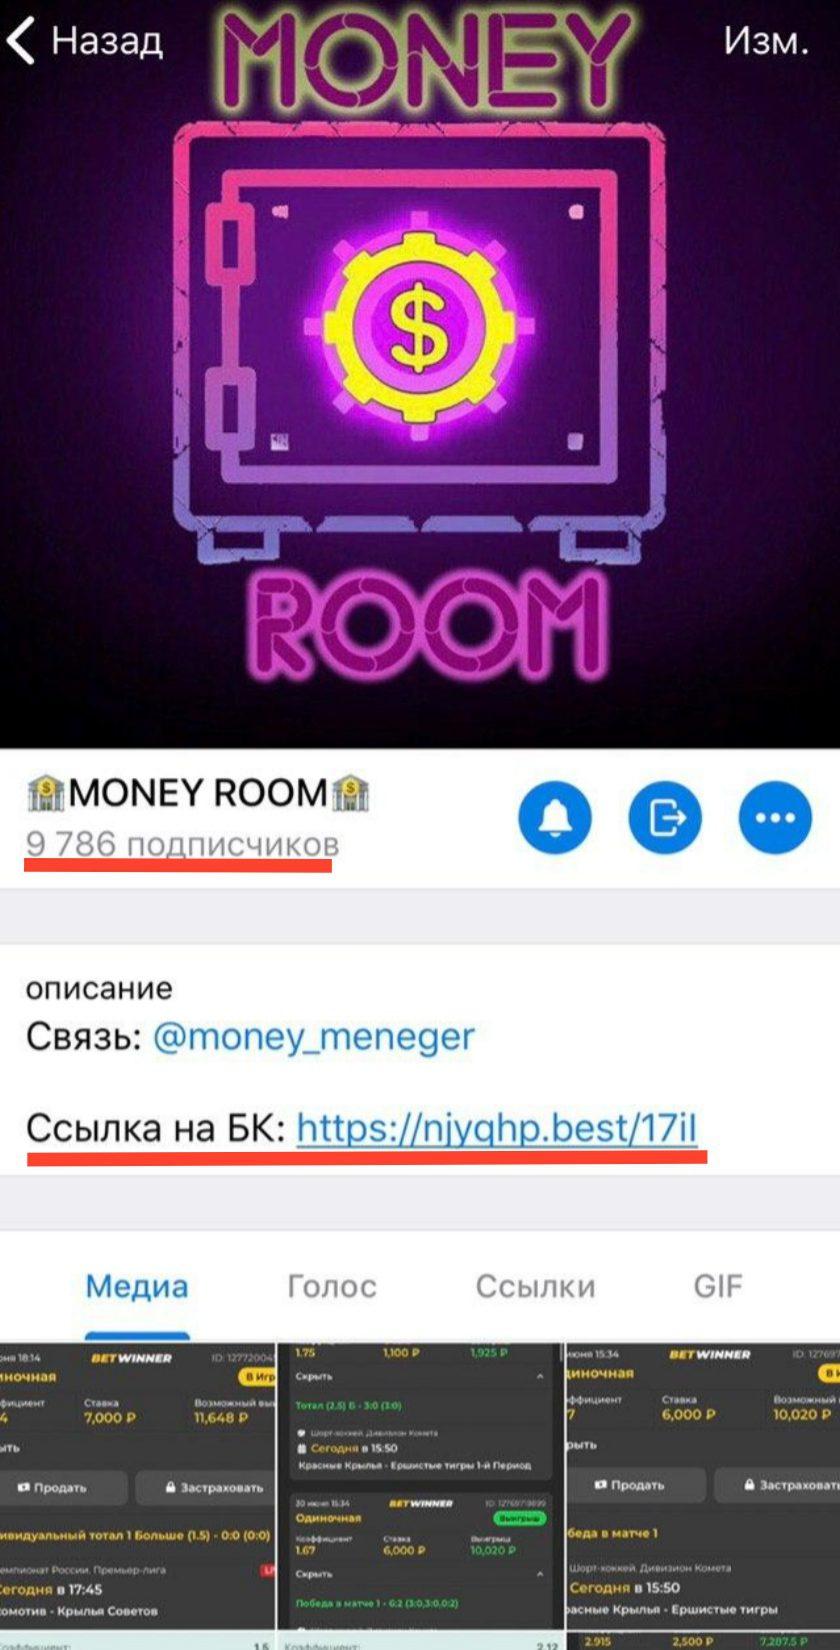 Телеграм канал Money Room